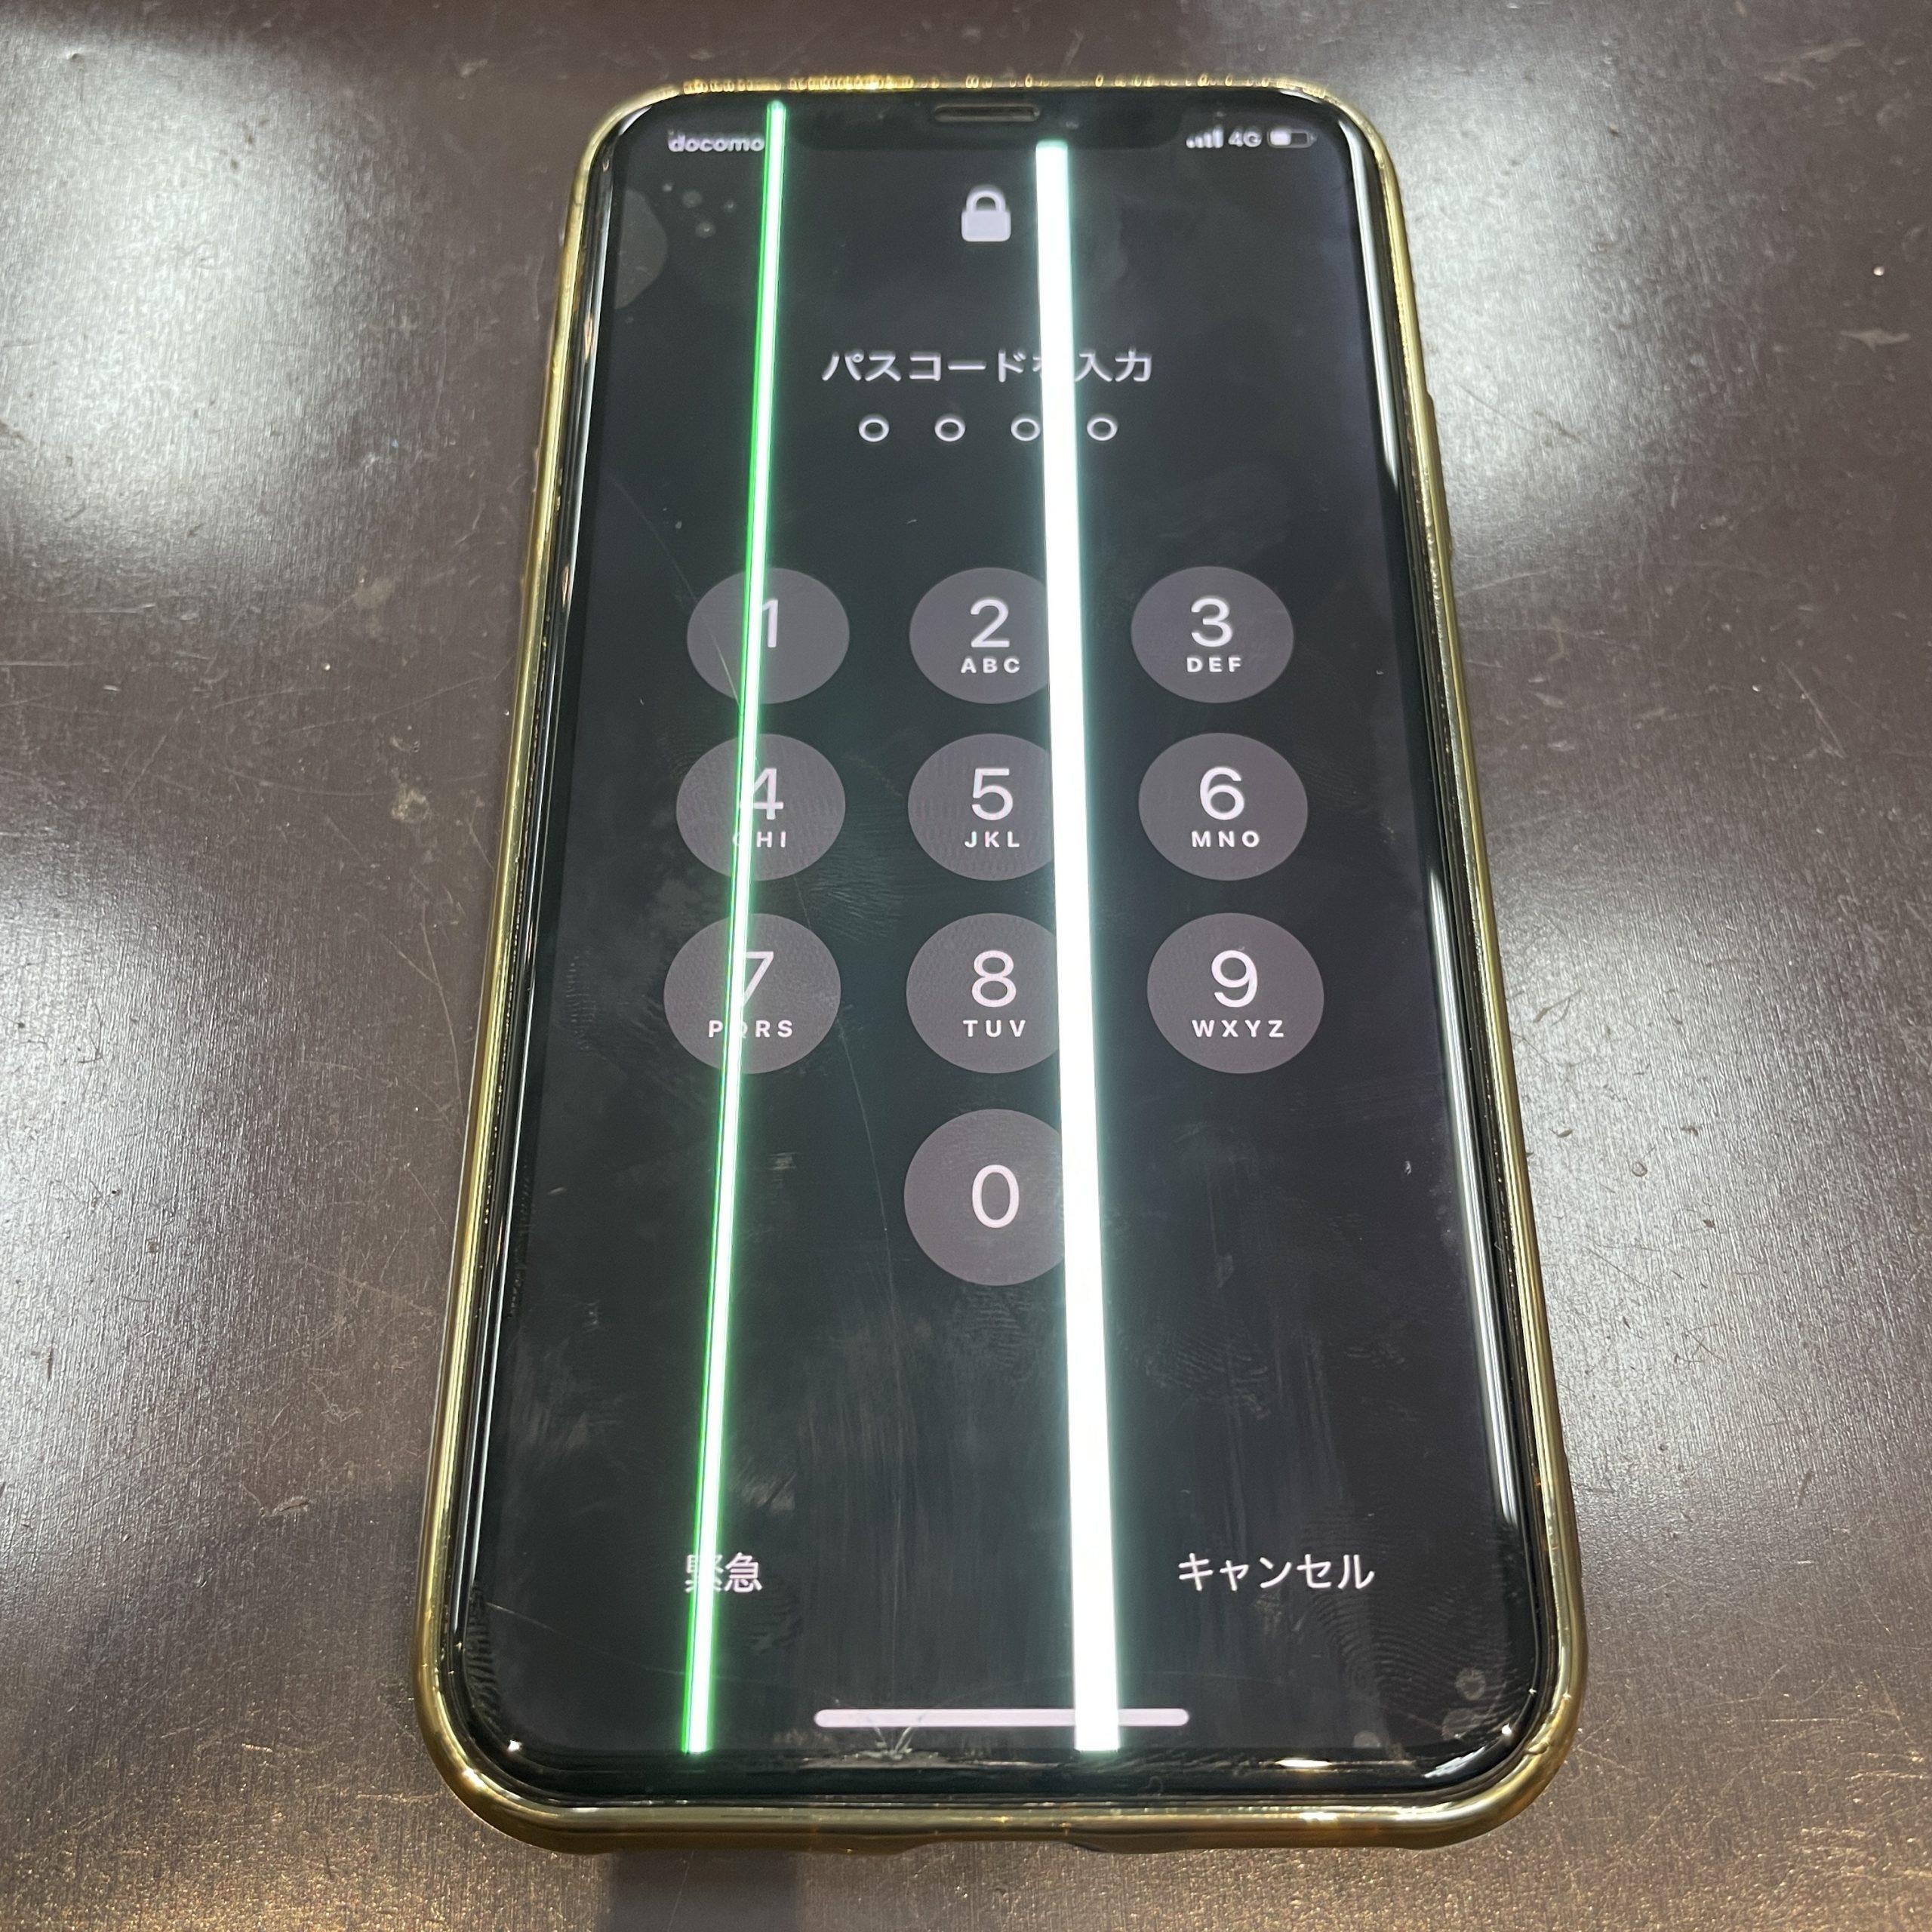 落として液晶に線が…😱【iPhone Ⅹs|佐賀市よりご来店】